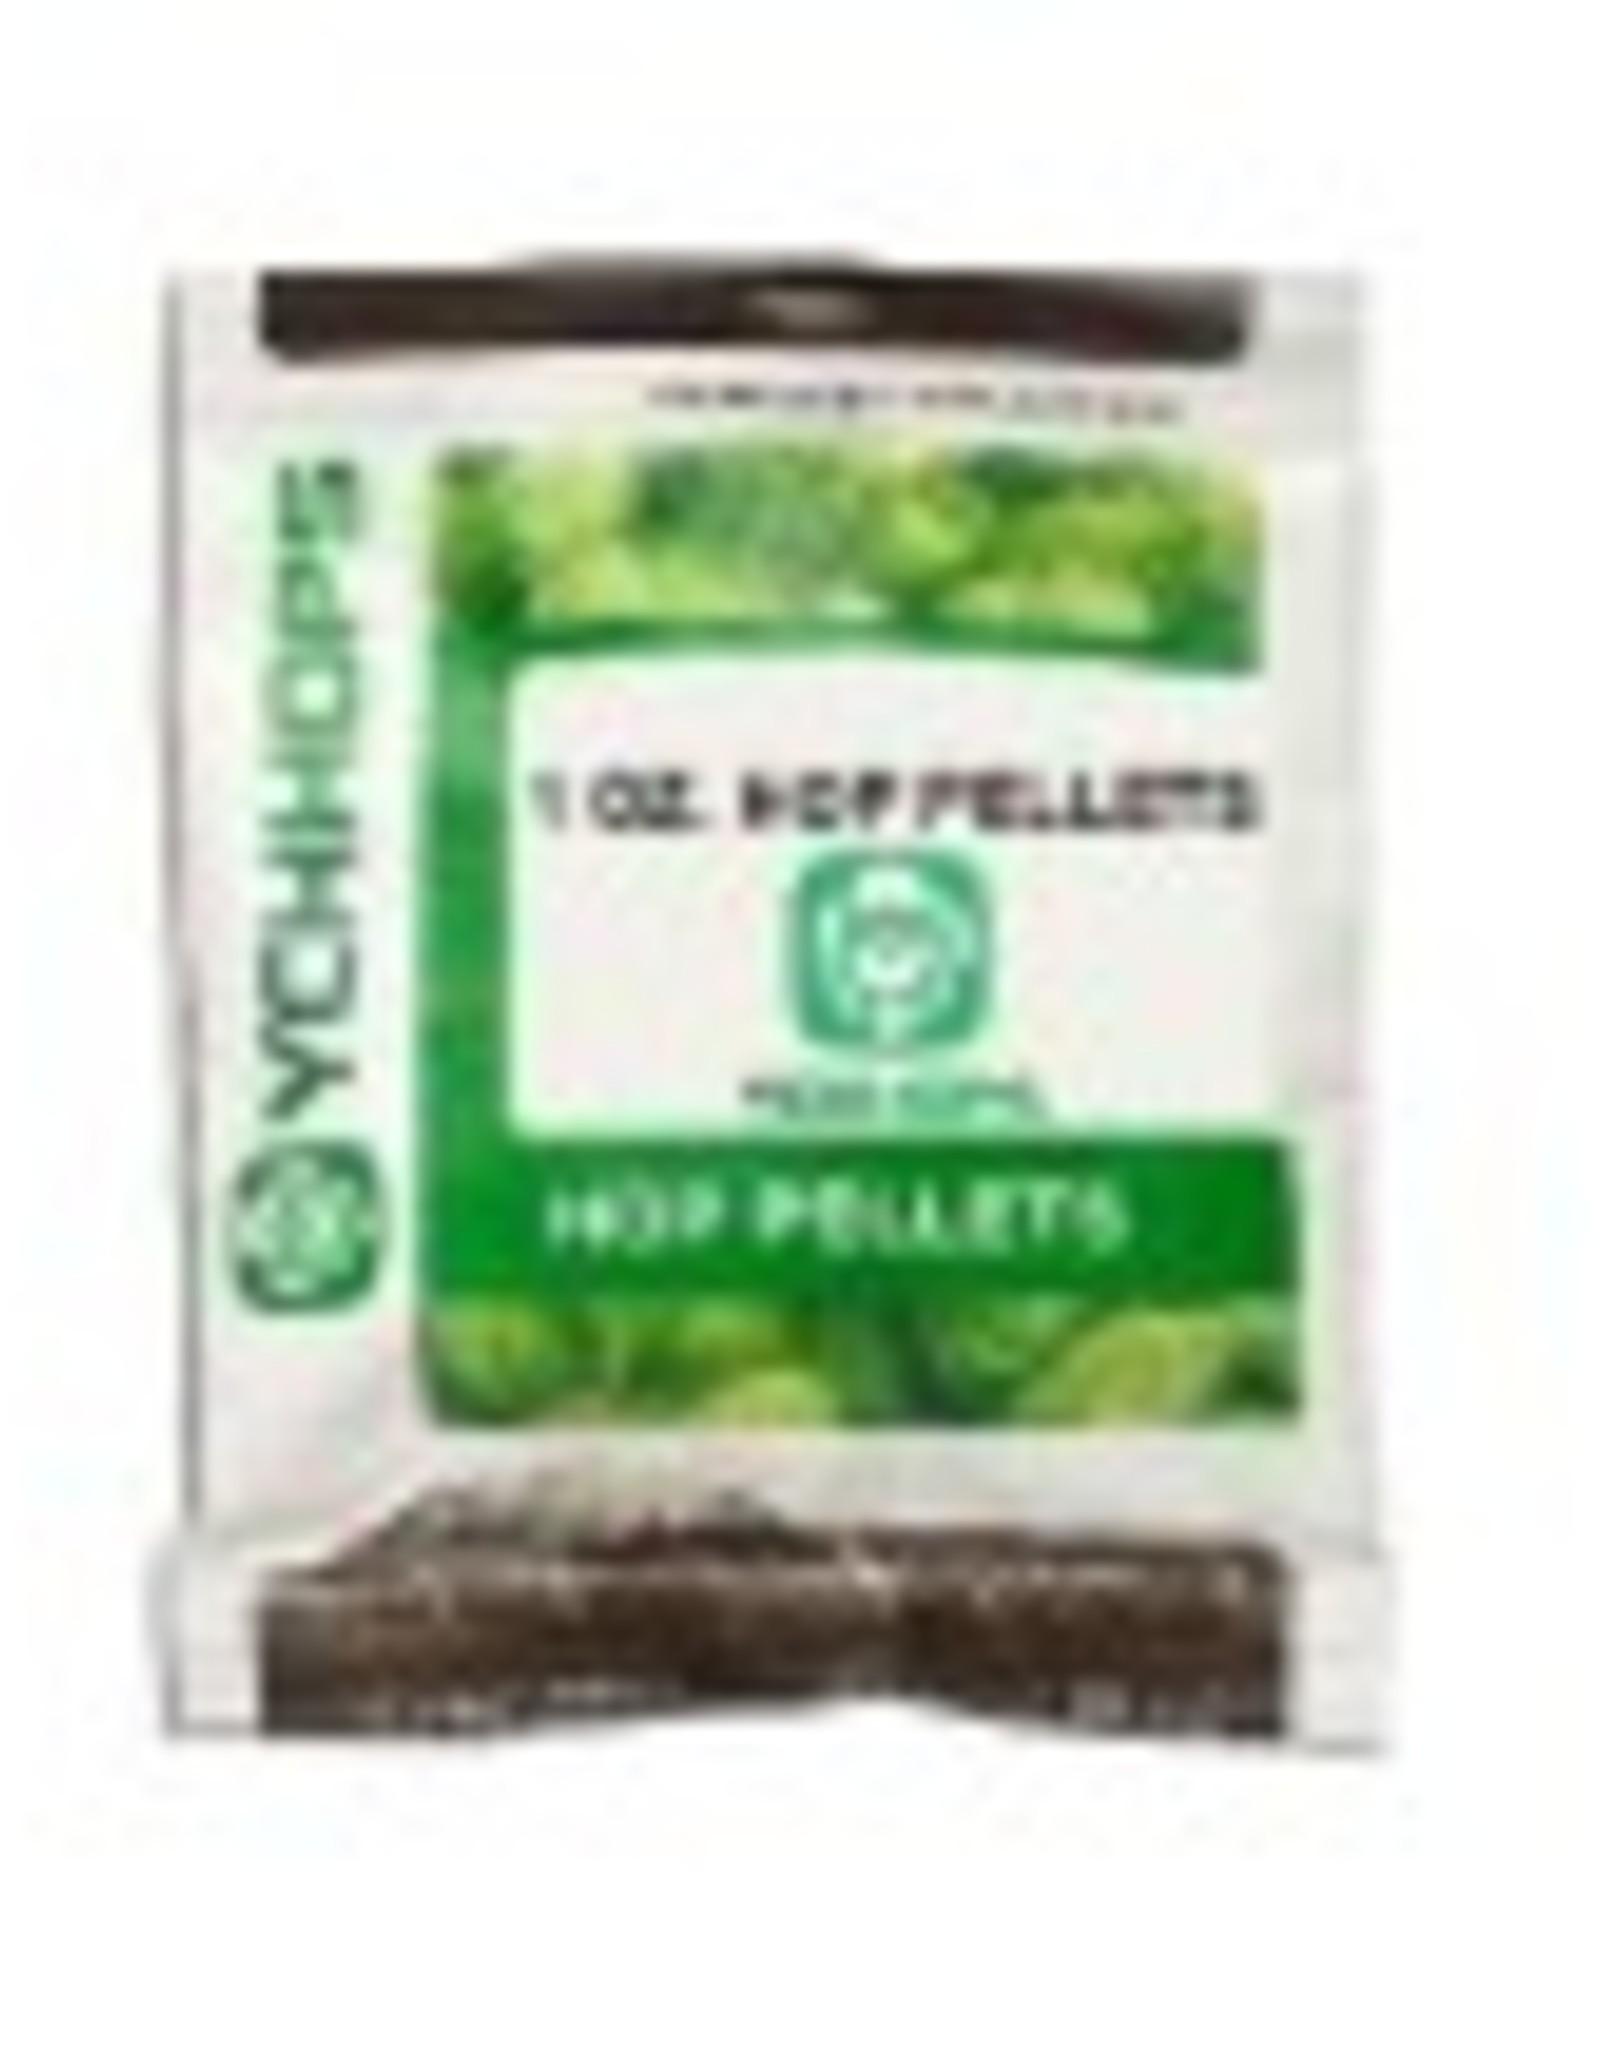 CENTENNIAL HOP PELLETS- 1 oz. package